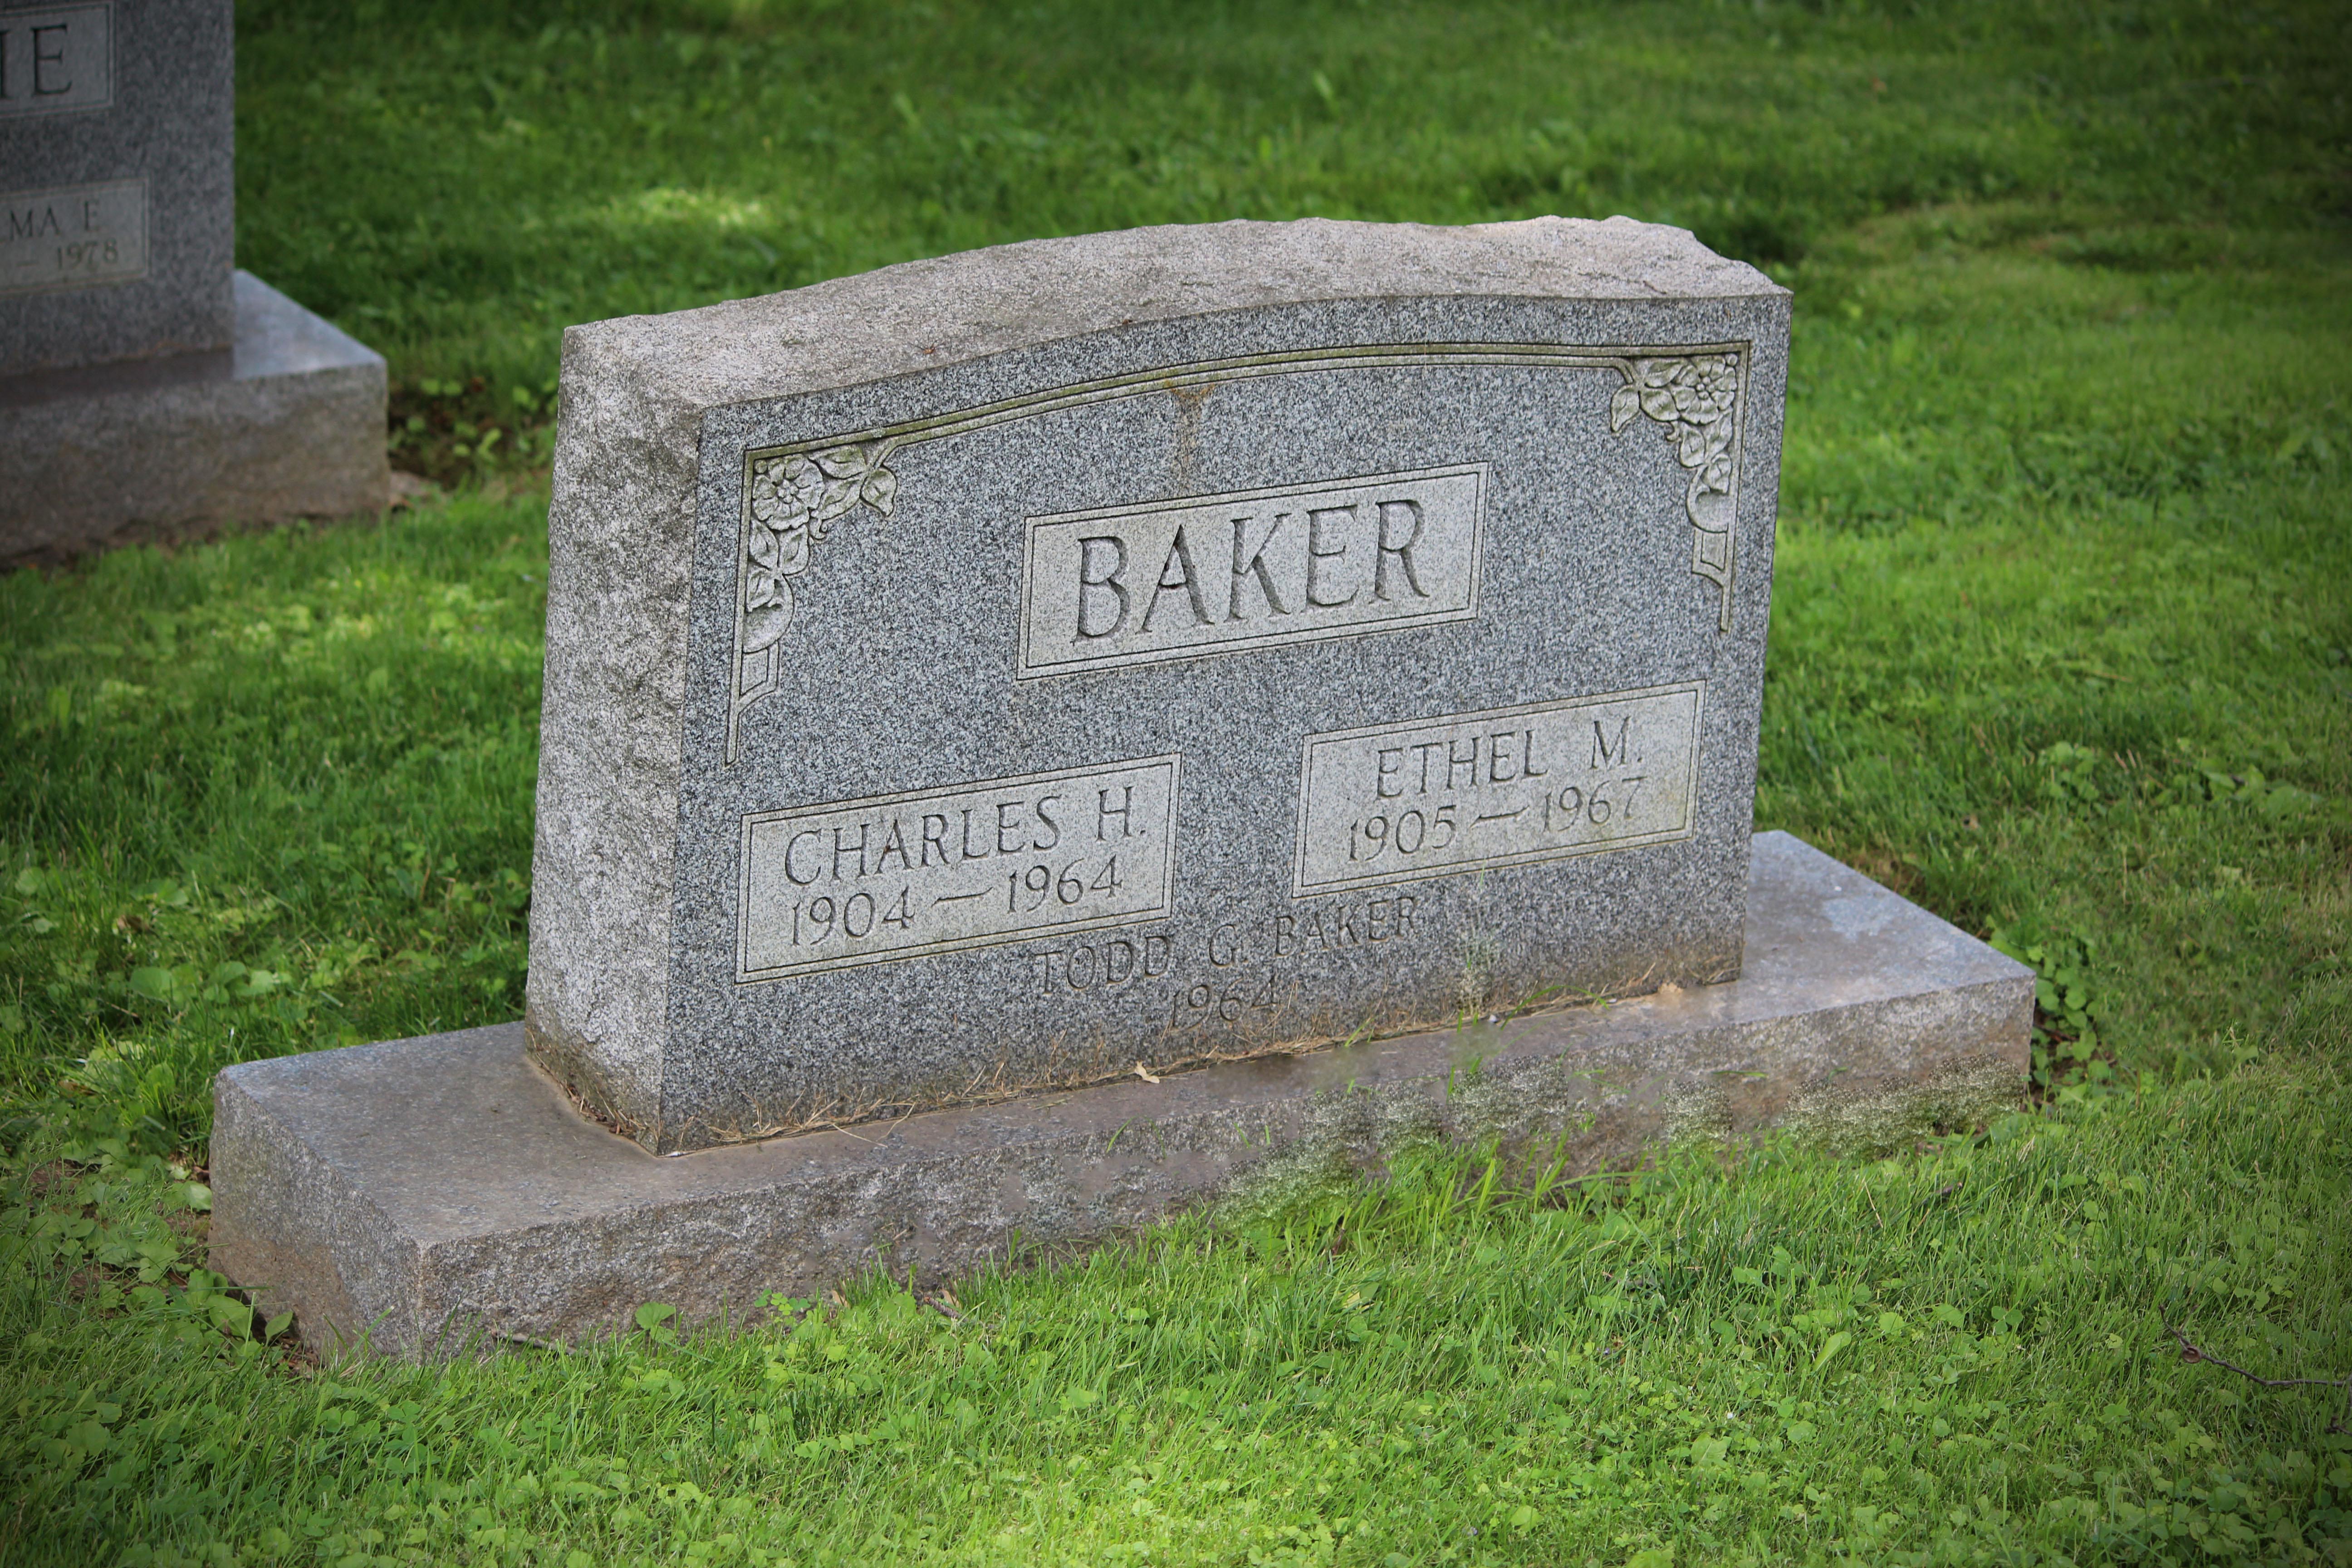 Charles Hansford Baker